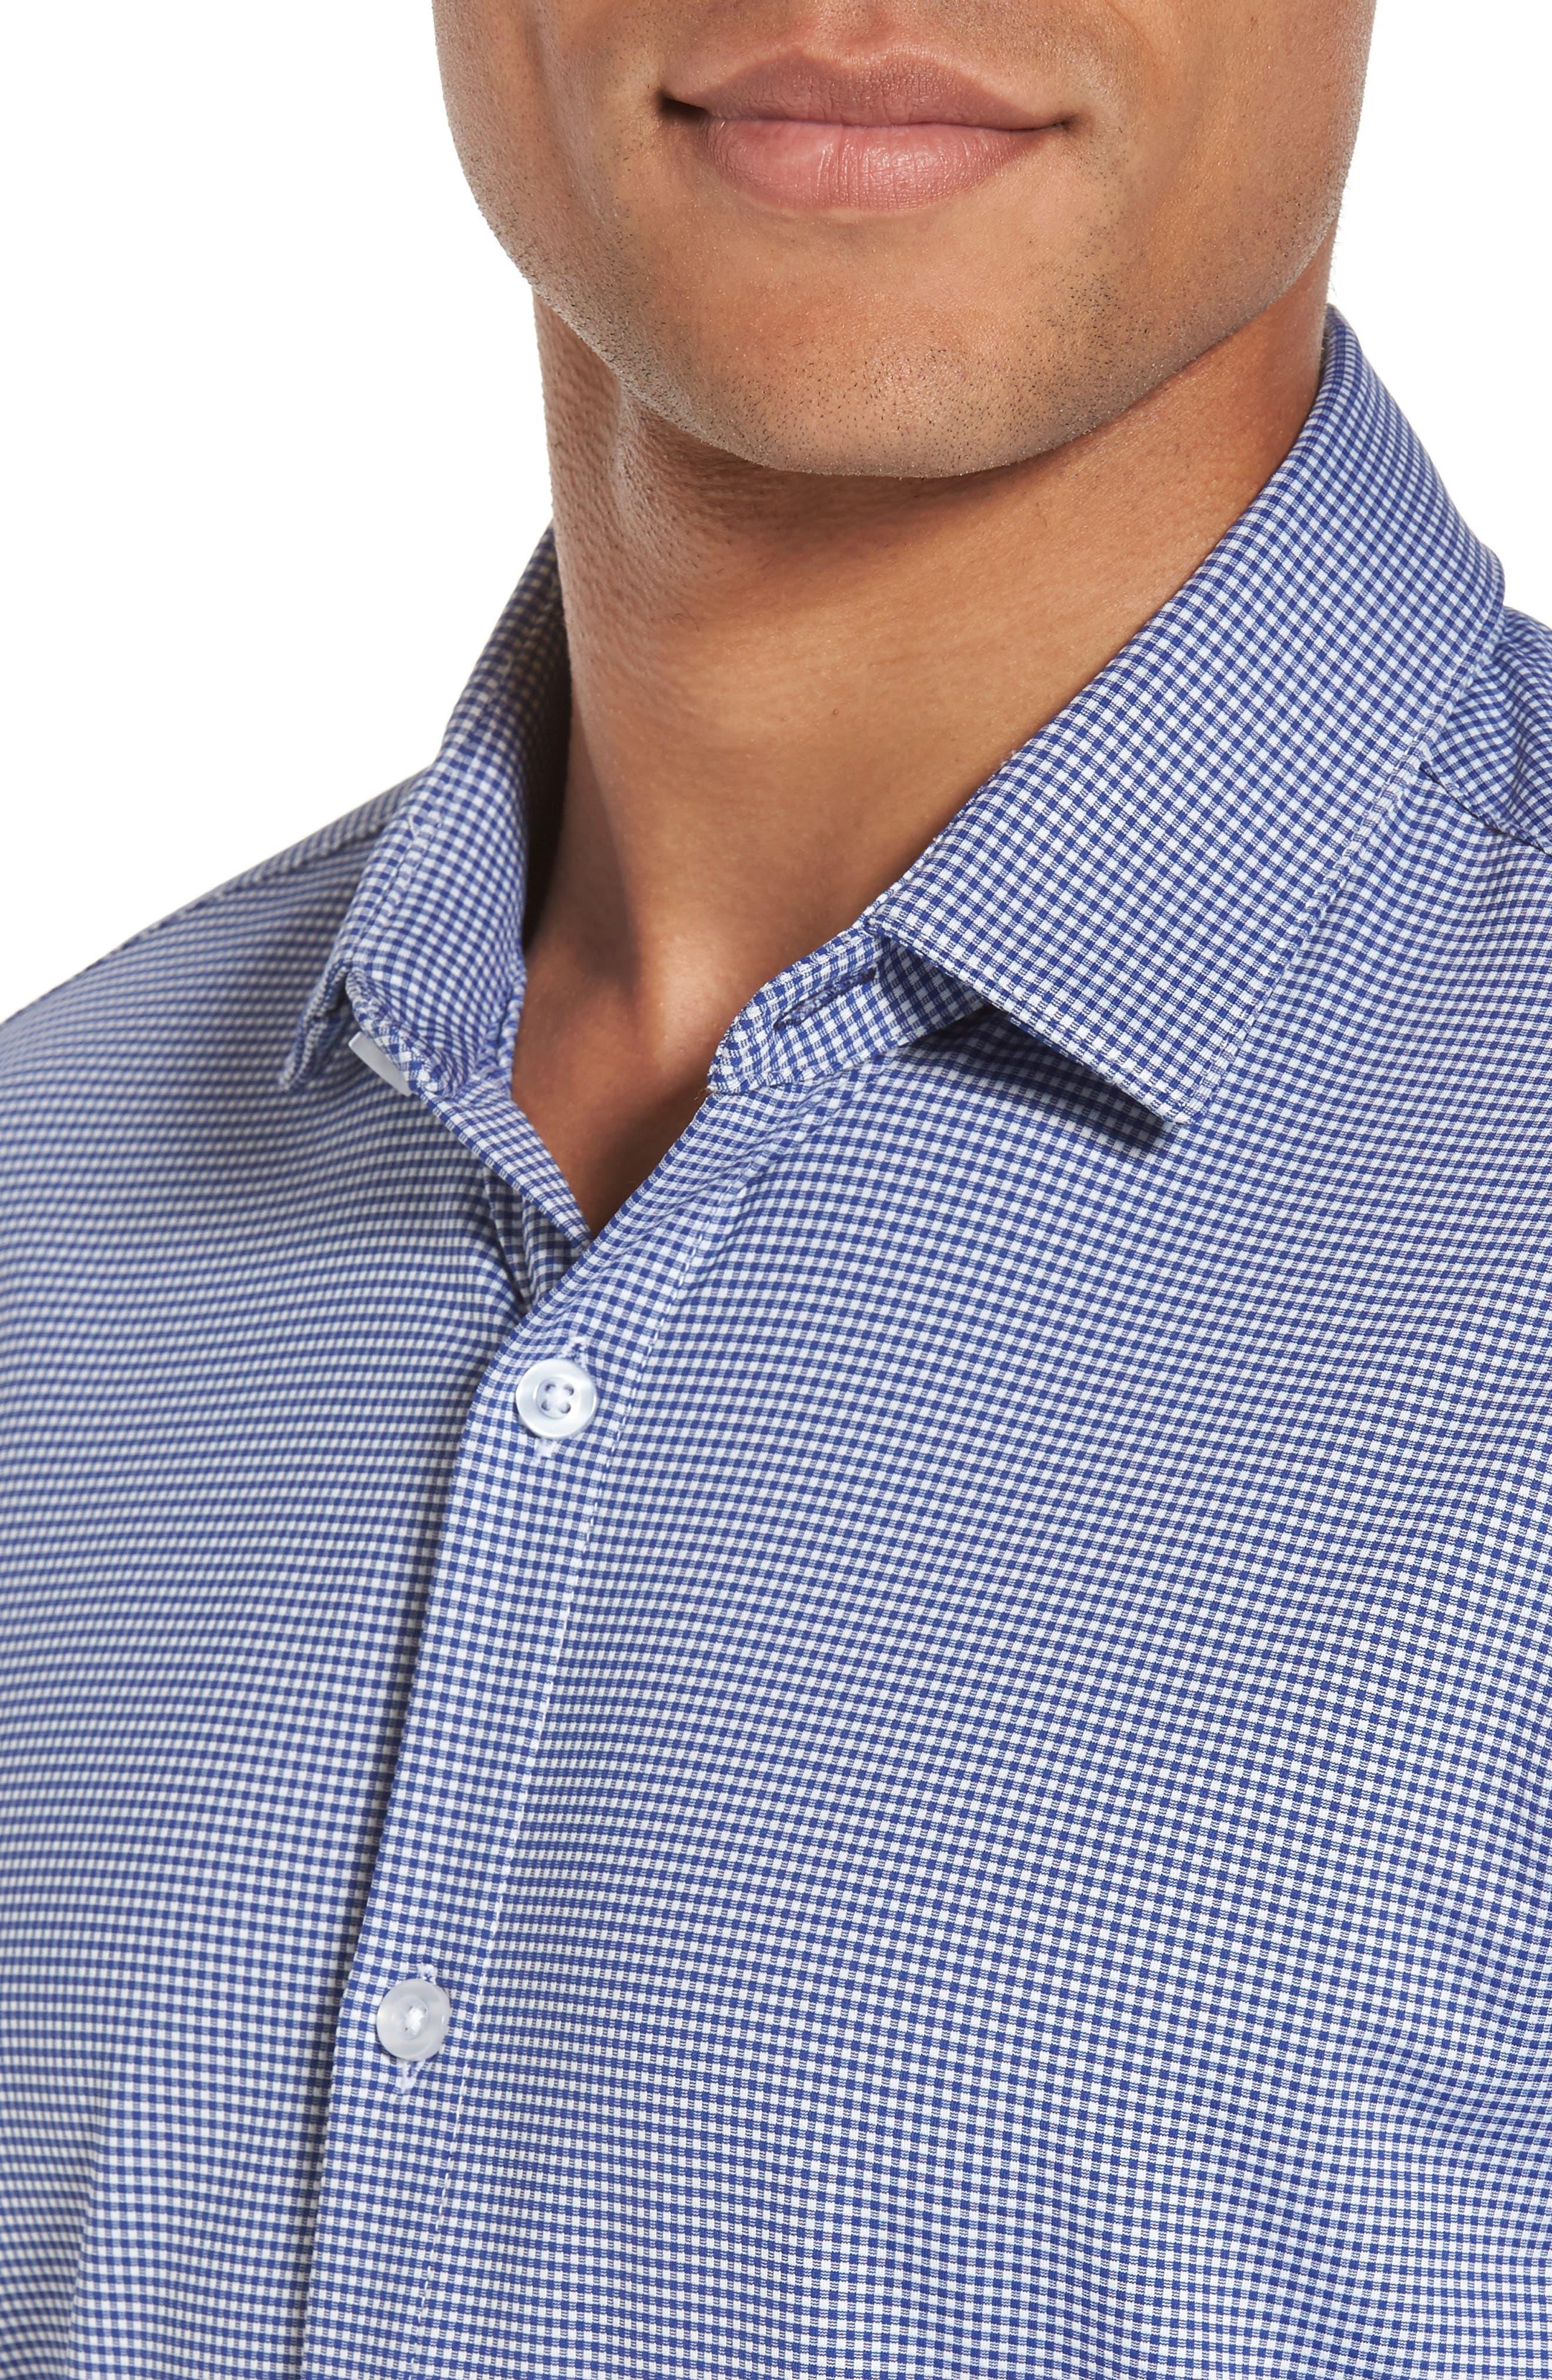 Davenport Gingham Sport Shirt,                             Alternate thumbnail 4, color,                             Black